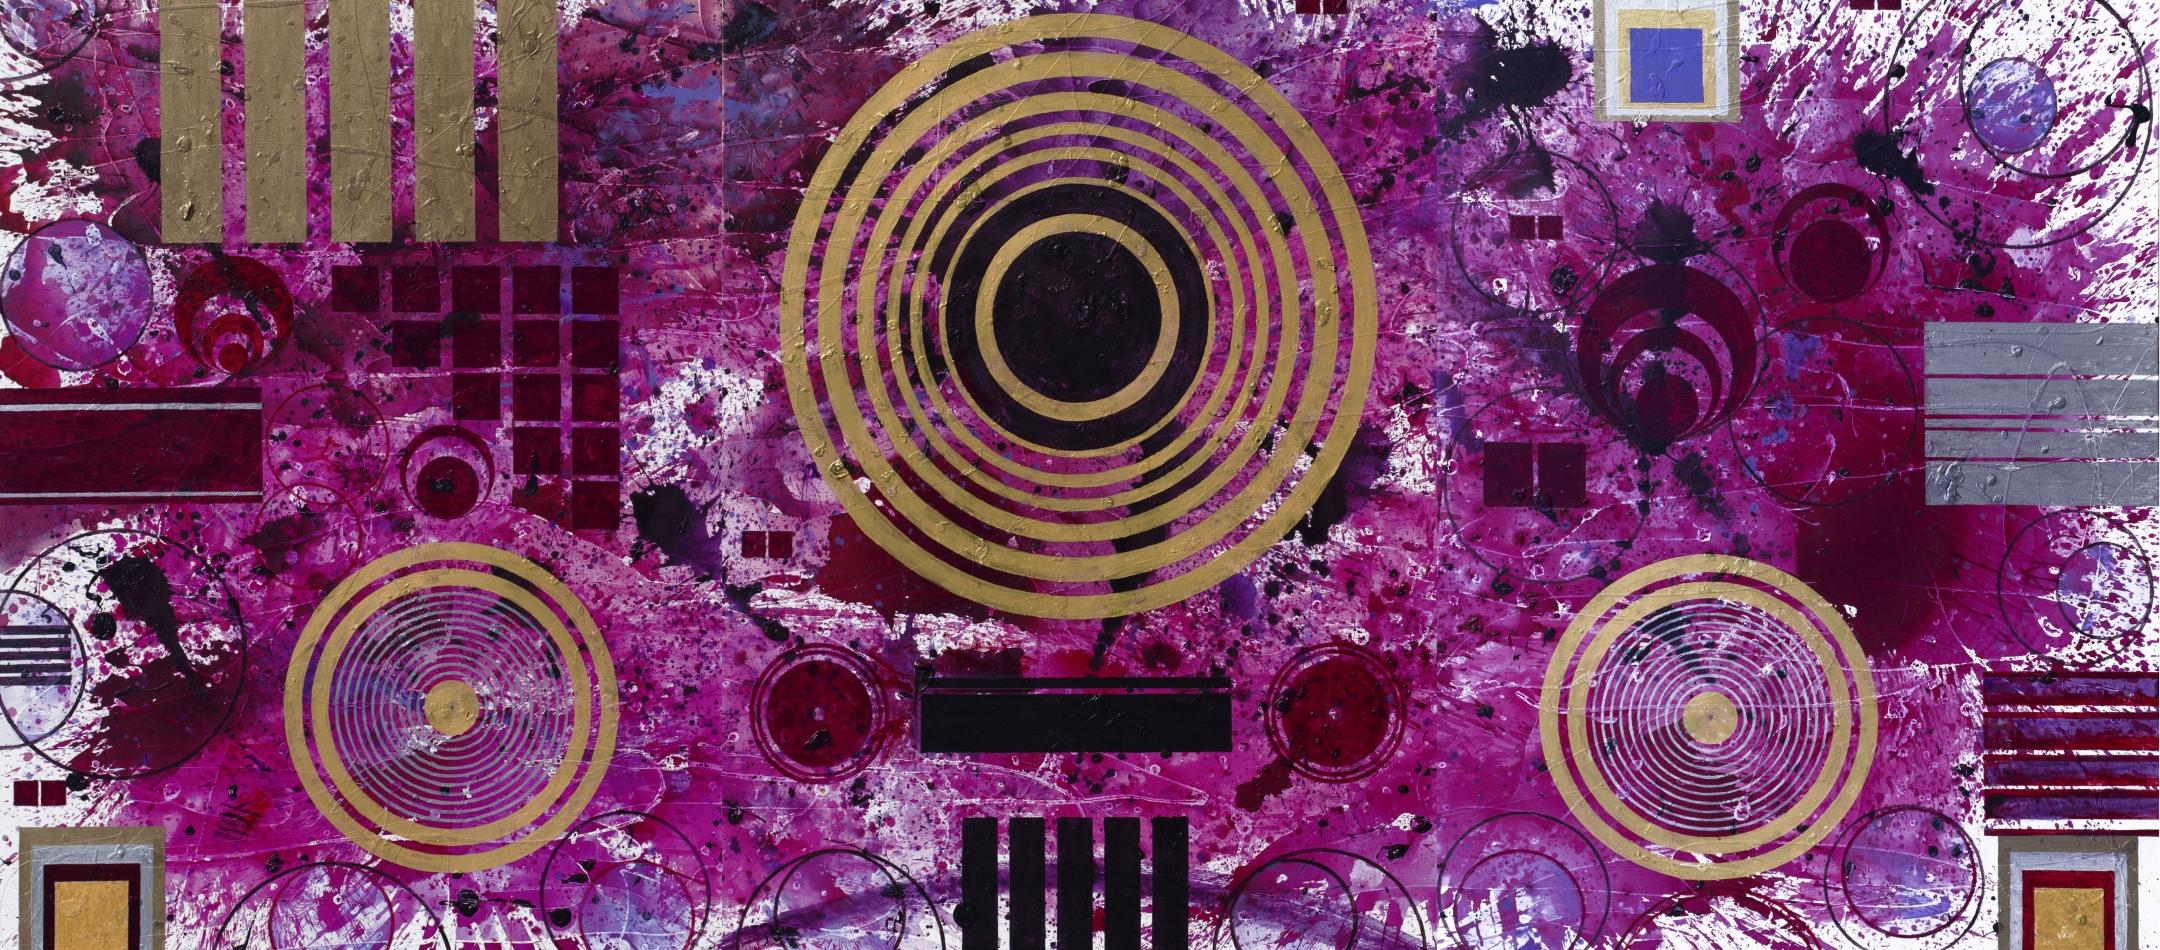 j. steven manolis, Qatari Rhapsodies painting series, For sale at Manolis Projects Art Gallery, Miami Fl